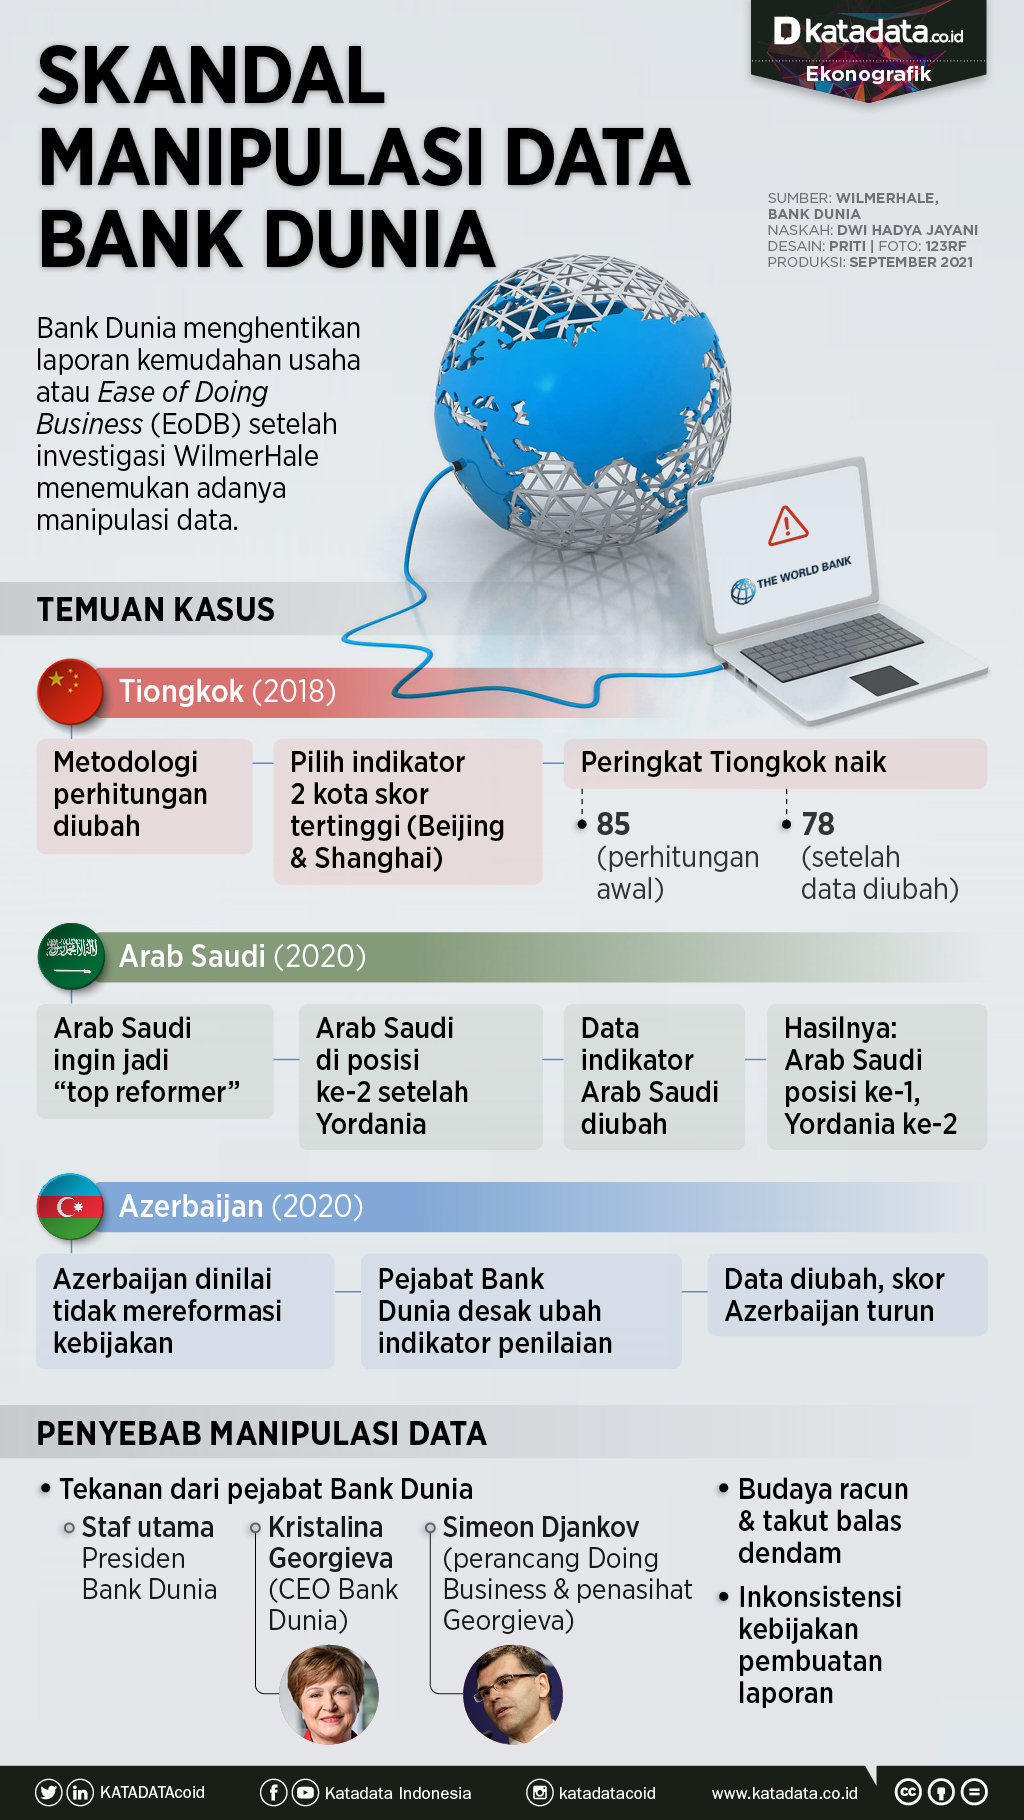 Infografik_Skandal manipulasi data bank dunia